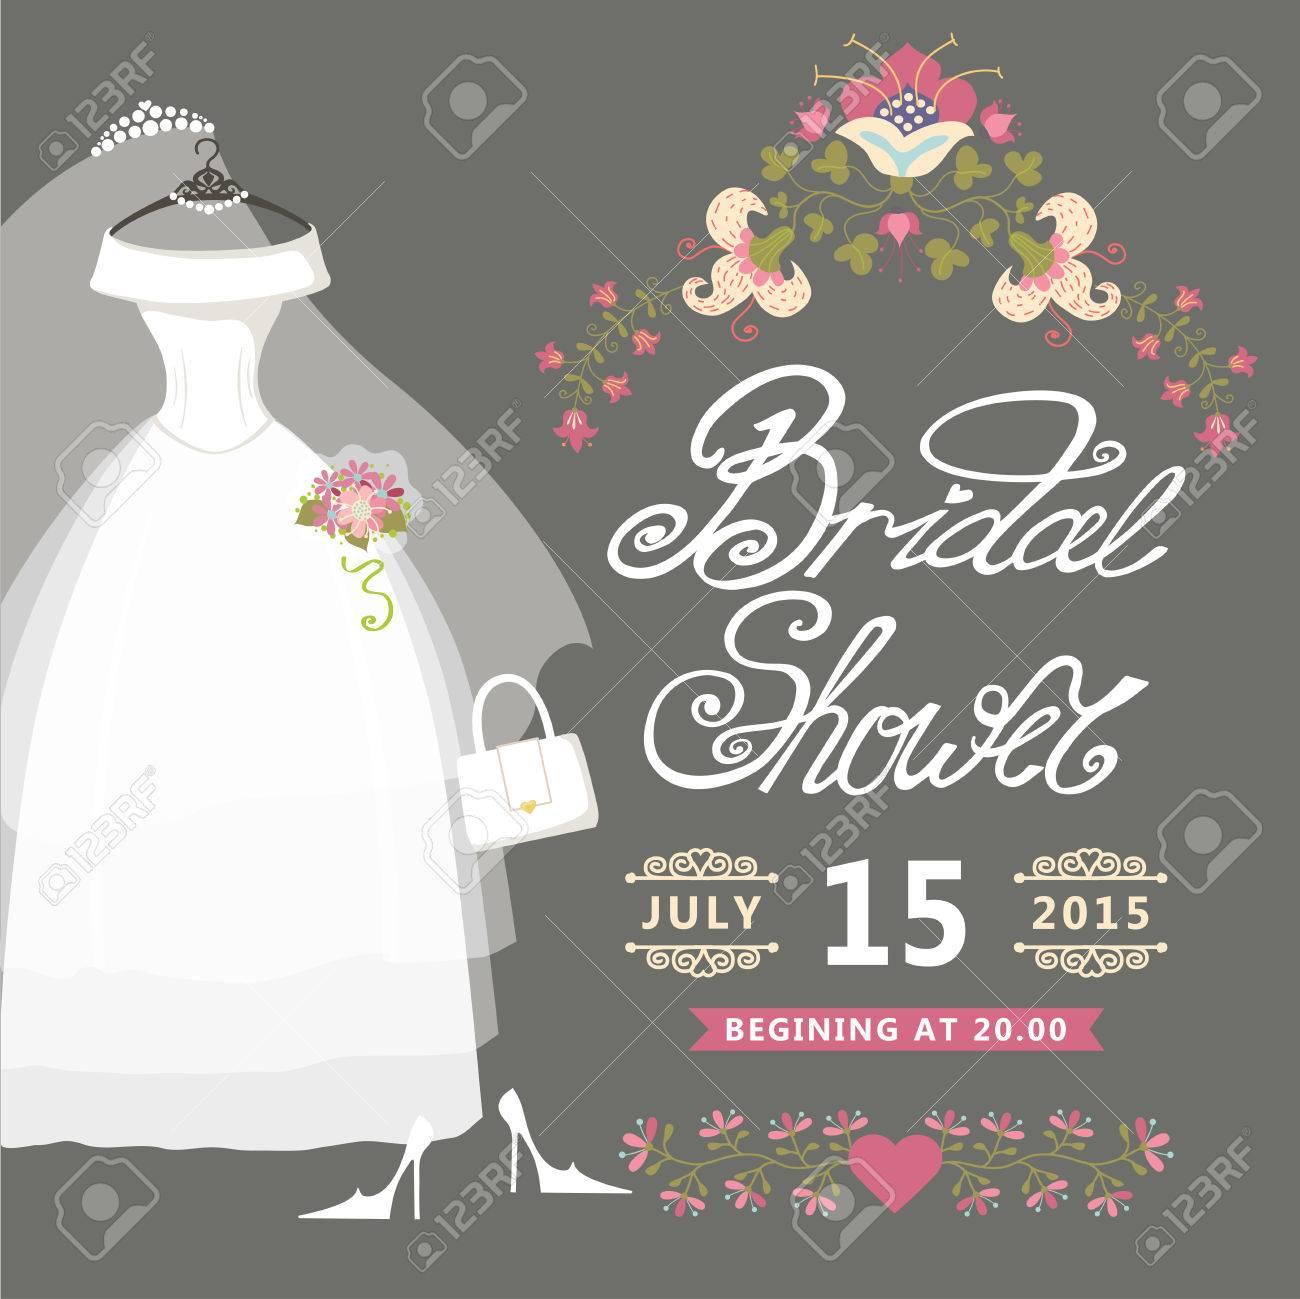 Bridal Shower Card Vintage Wedding Invitation With Floral Border ...